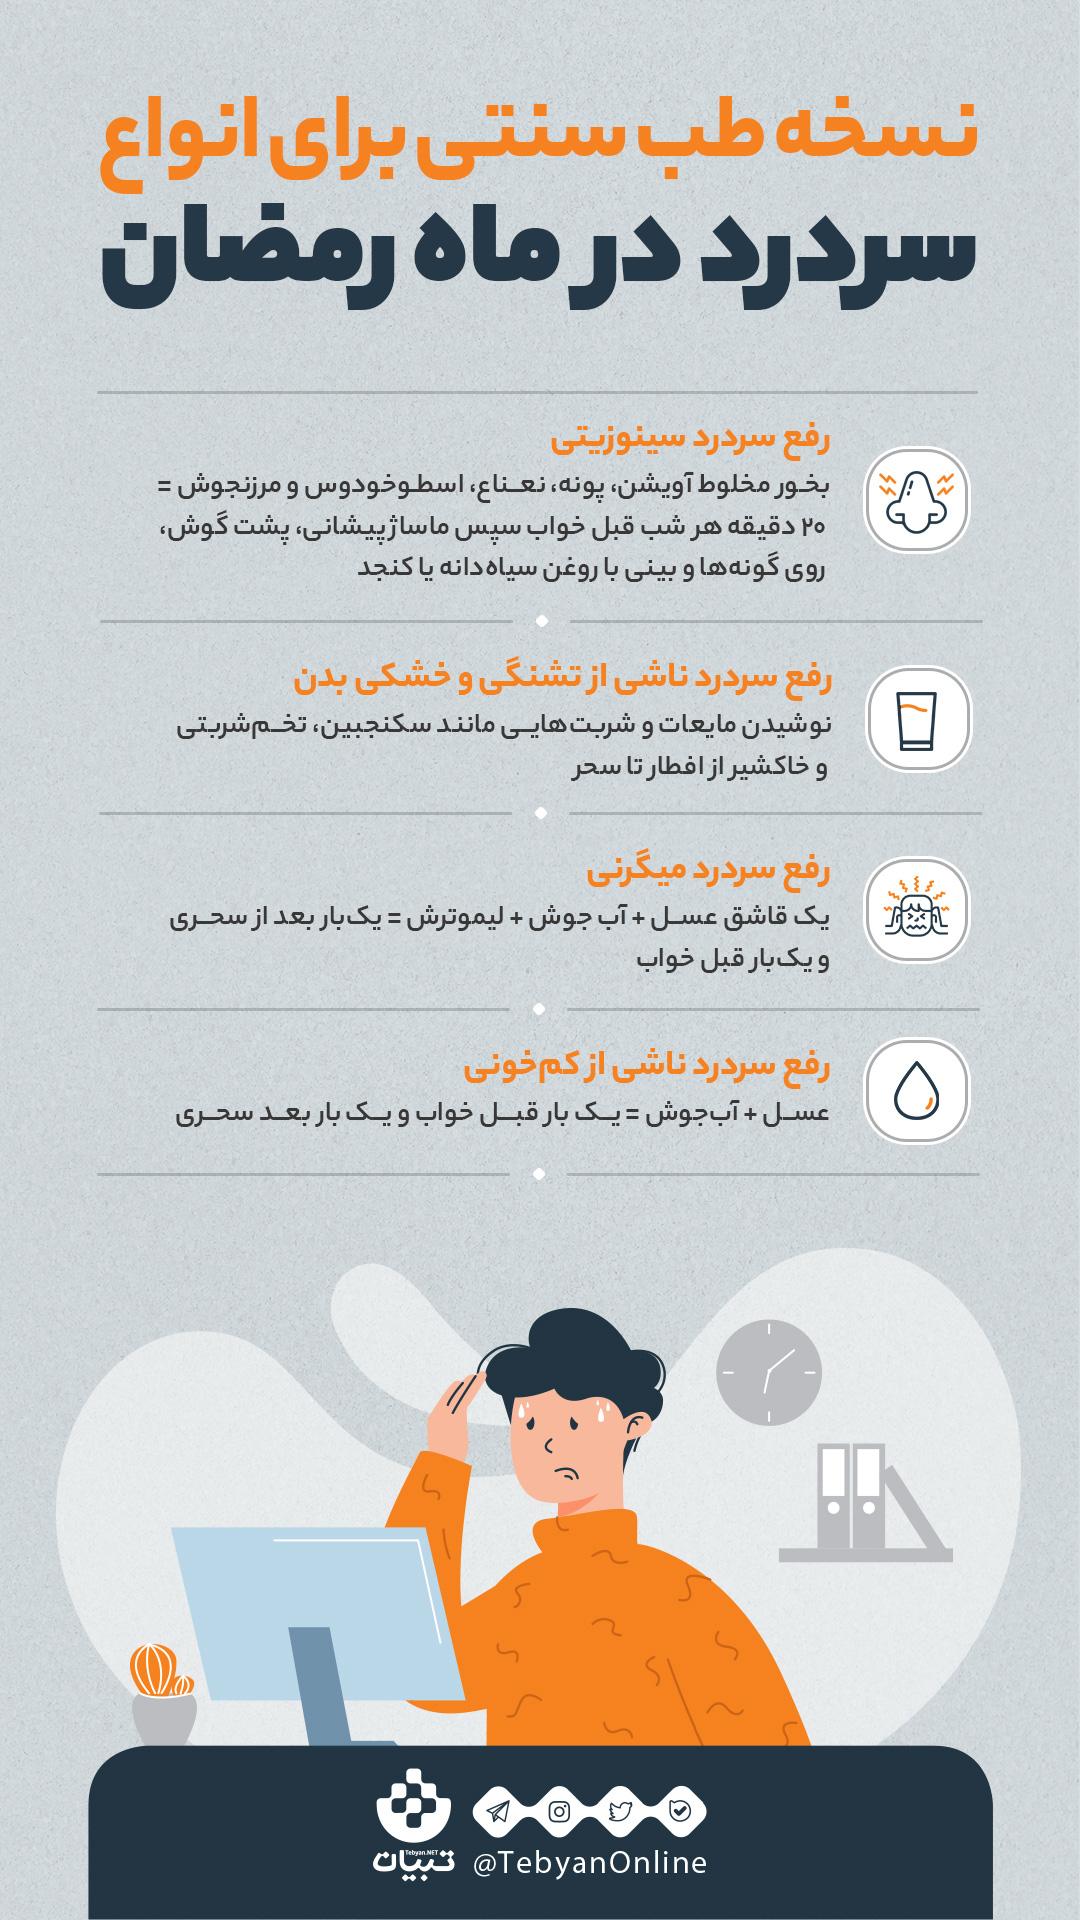 نسخه طب سنتی برای انواع سردرد در ماه رمضان + اینفوگرافی